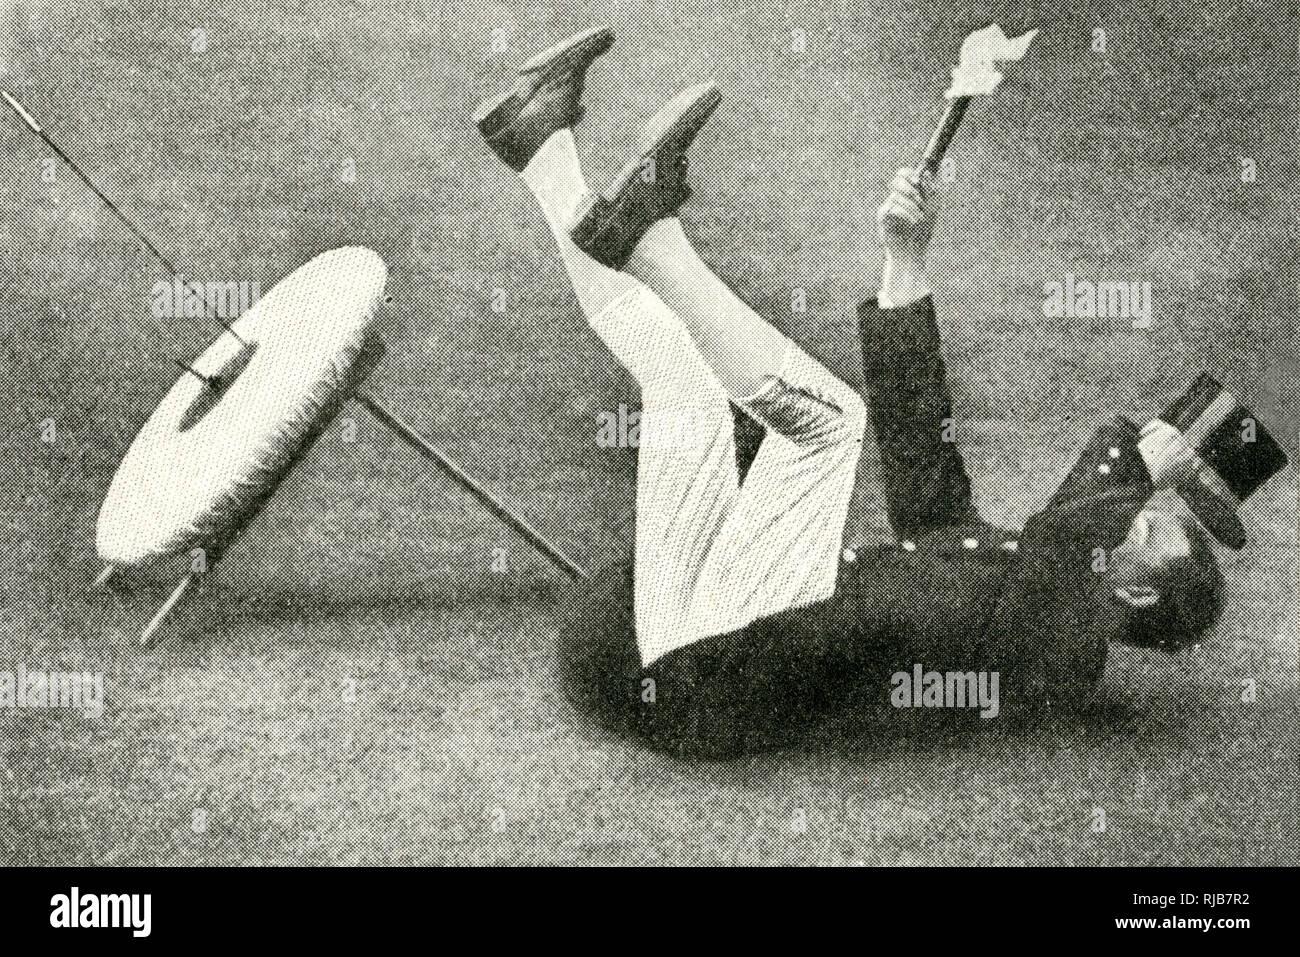 L'uomo la segnalazione di una hit in inglese tiro con l'arco, gettandosi sulla sua schiena sul terreno e agitando un panno bianco attaccato ad un bastone corto e agitando le gambe all'aria. Immagini Stock